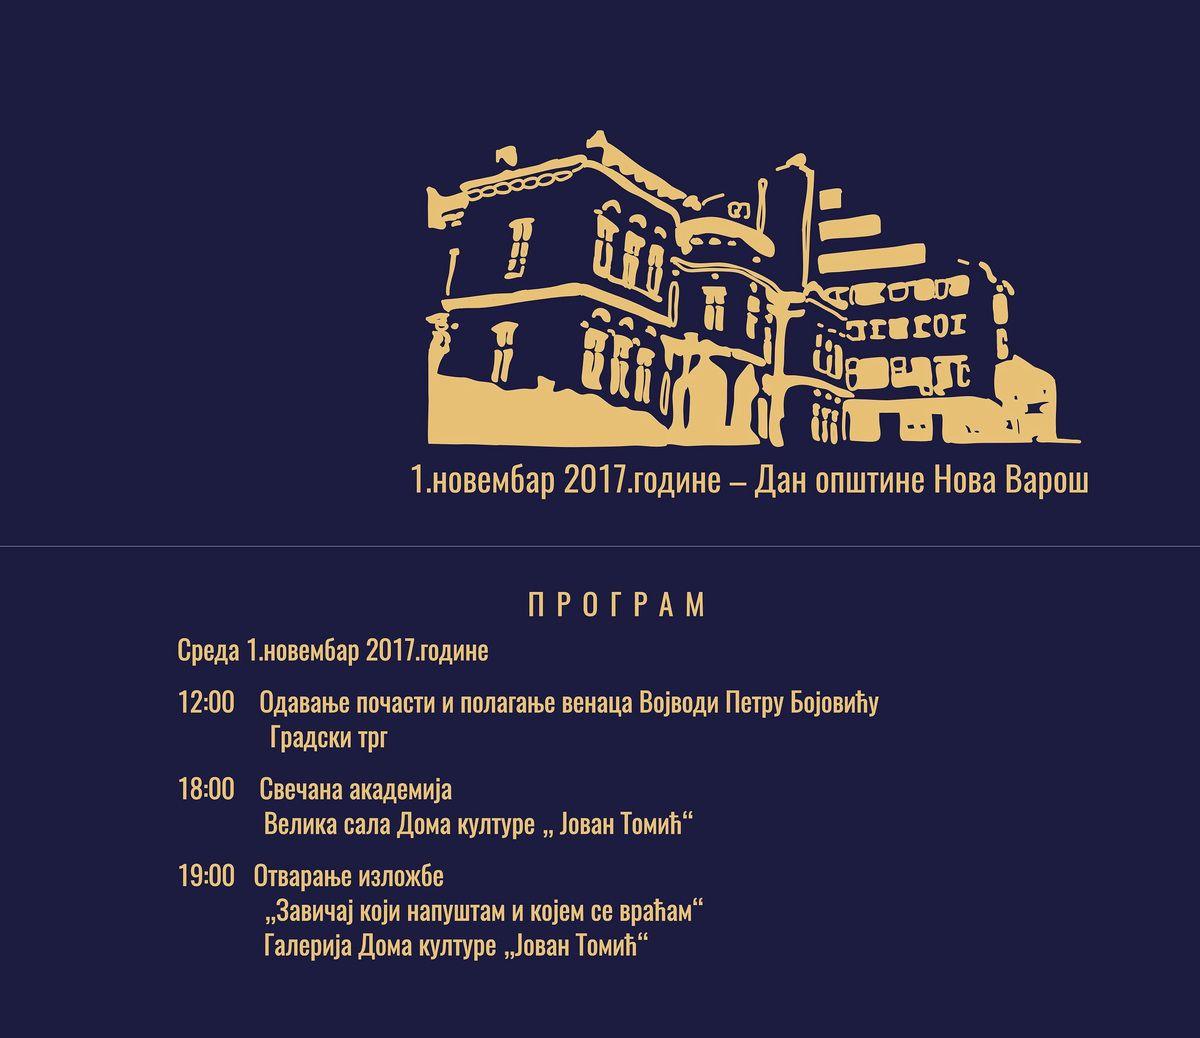 Програм дана општине Нова Варош